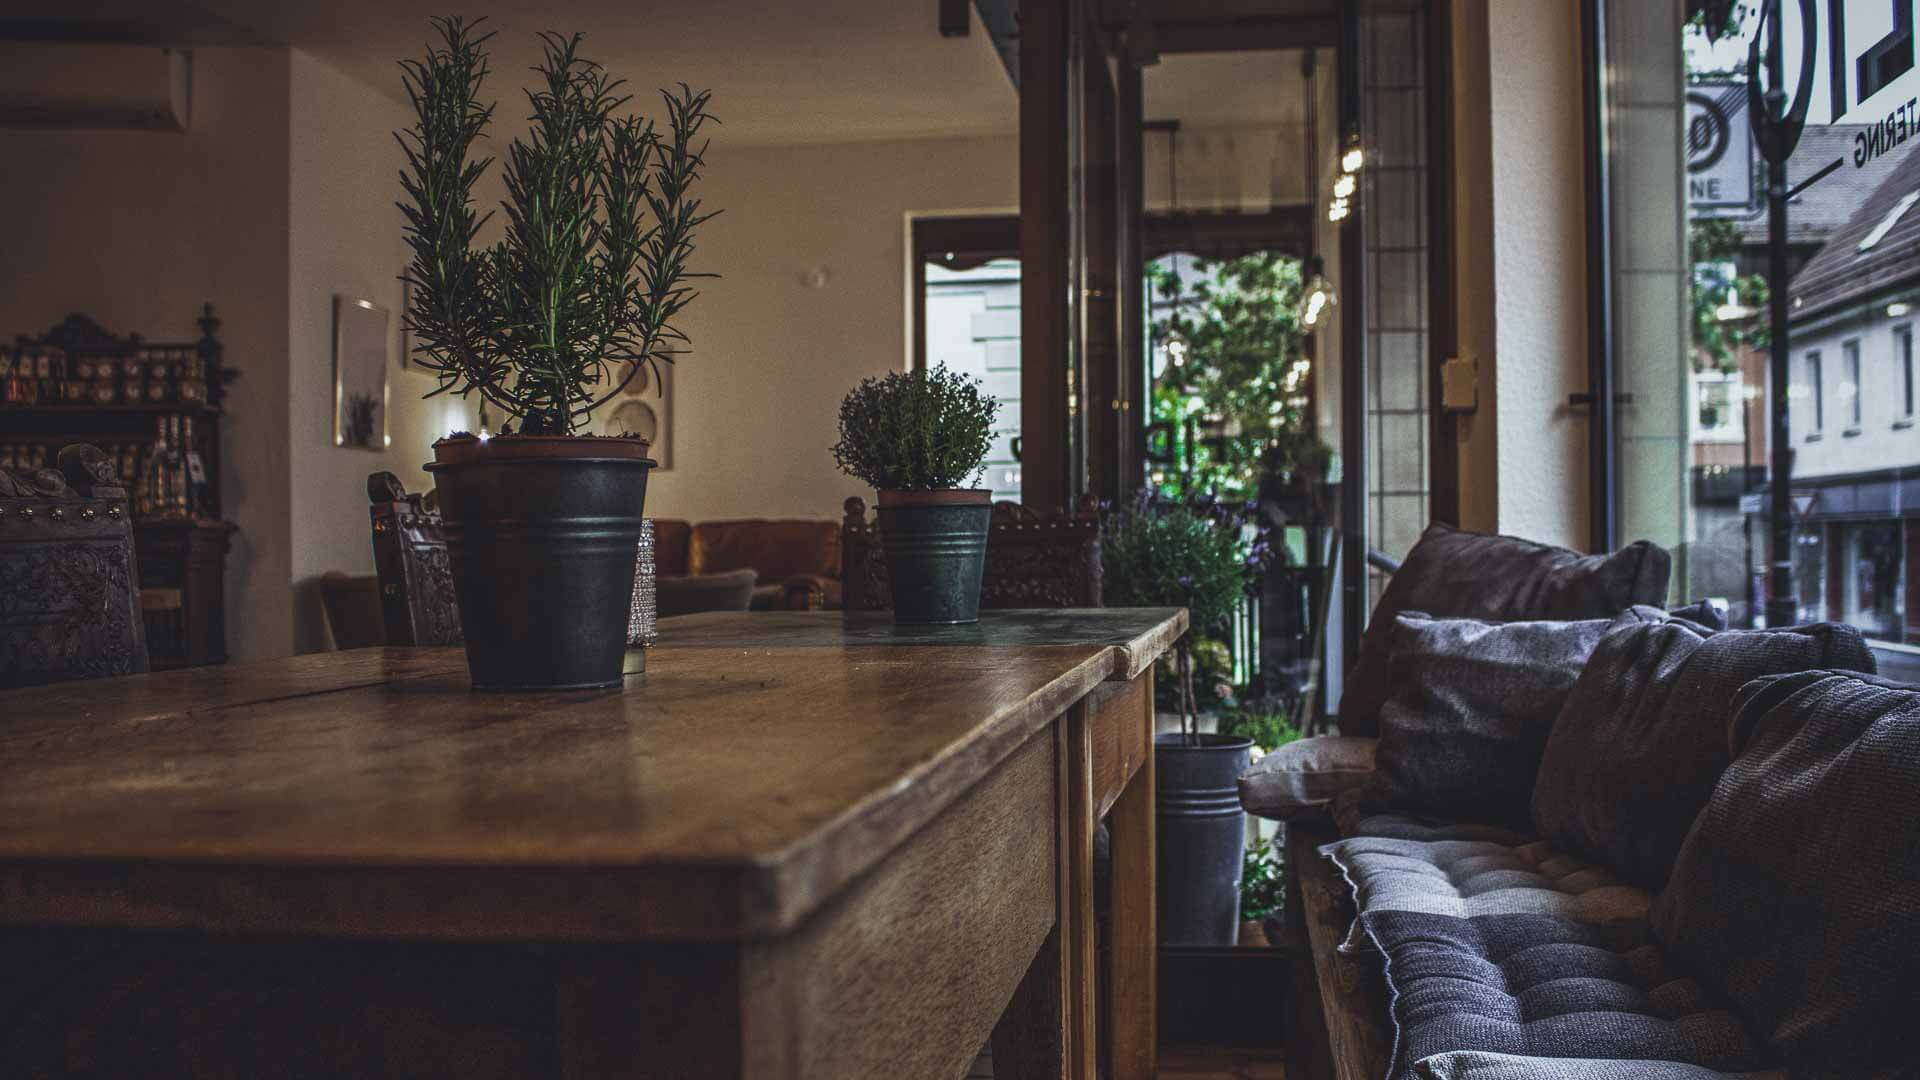 Gemütliche Sitzecke mit Kissen im Fidelio in Balingen